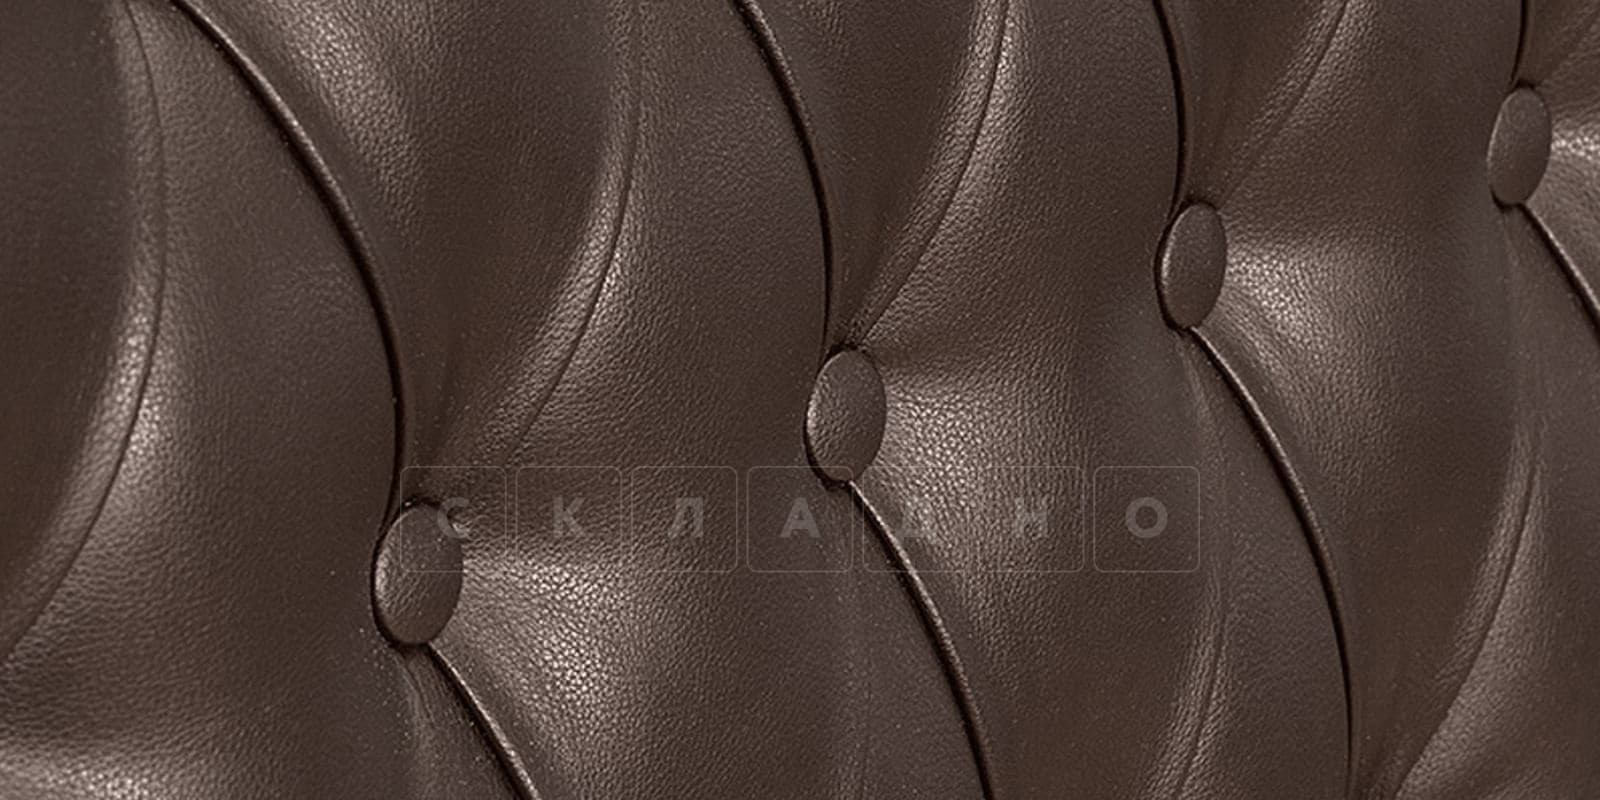 Мягкая кровать Вирджиния 160см экокожа шоколадного цвета фото 7   интернет-магазин Складно